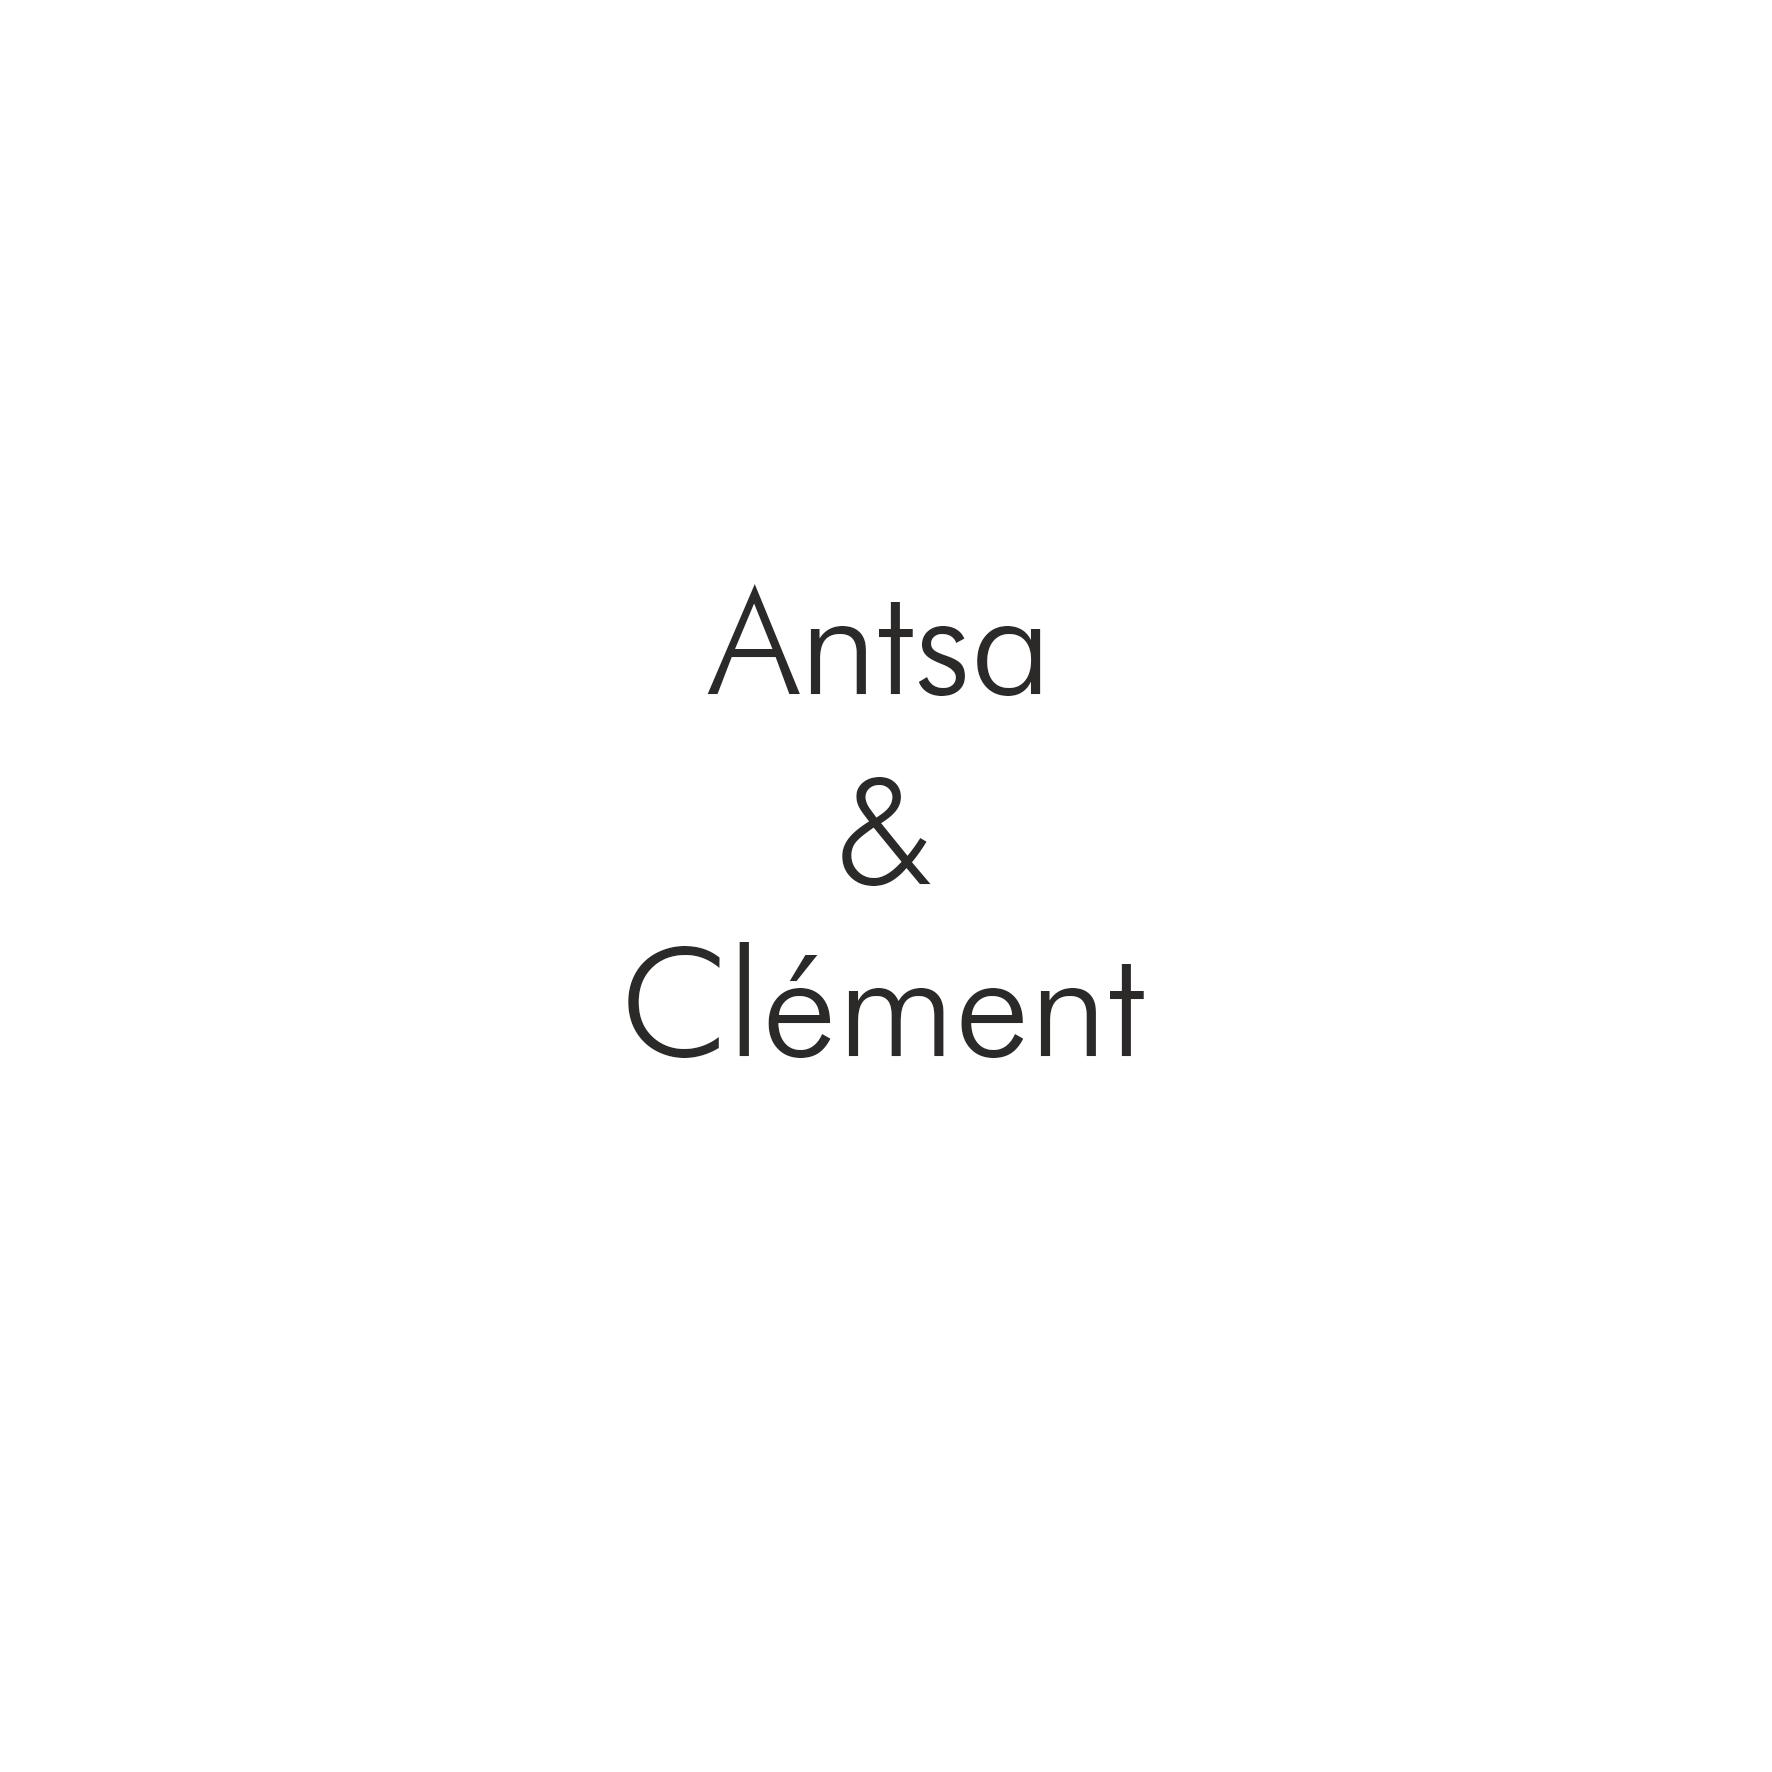 Antsa & Clément.png